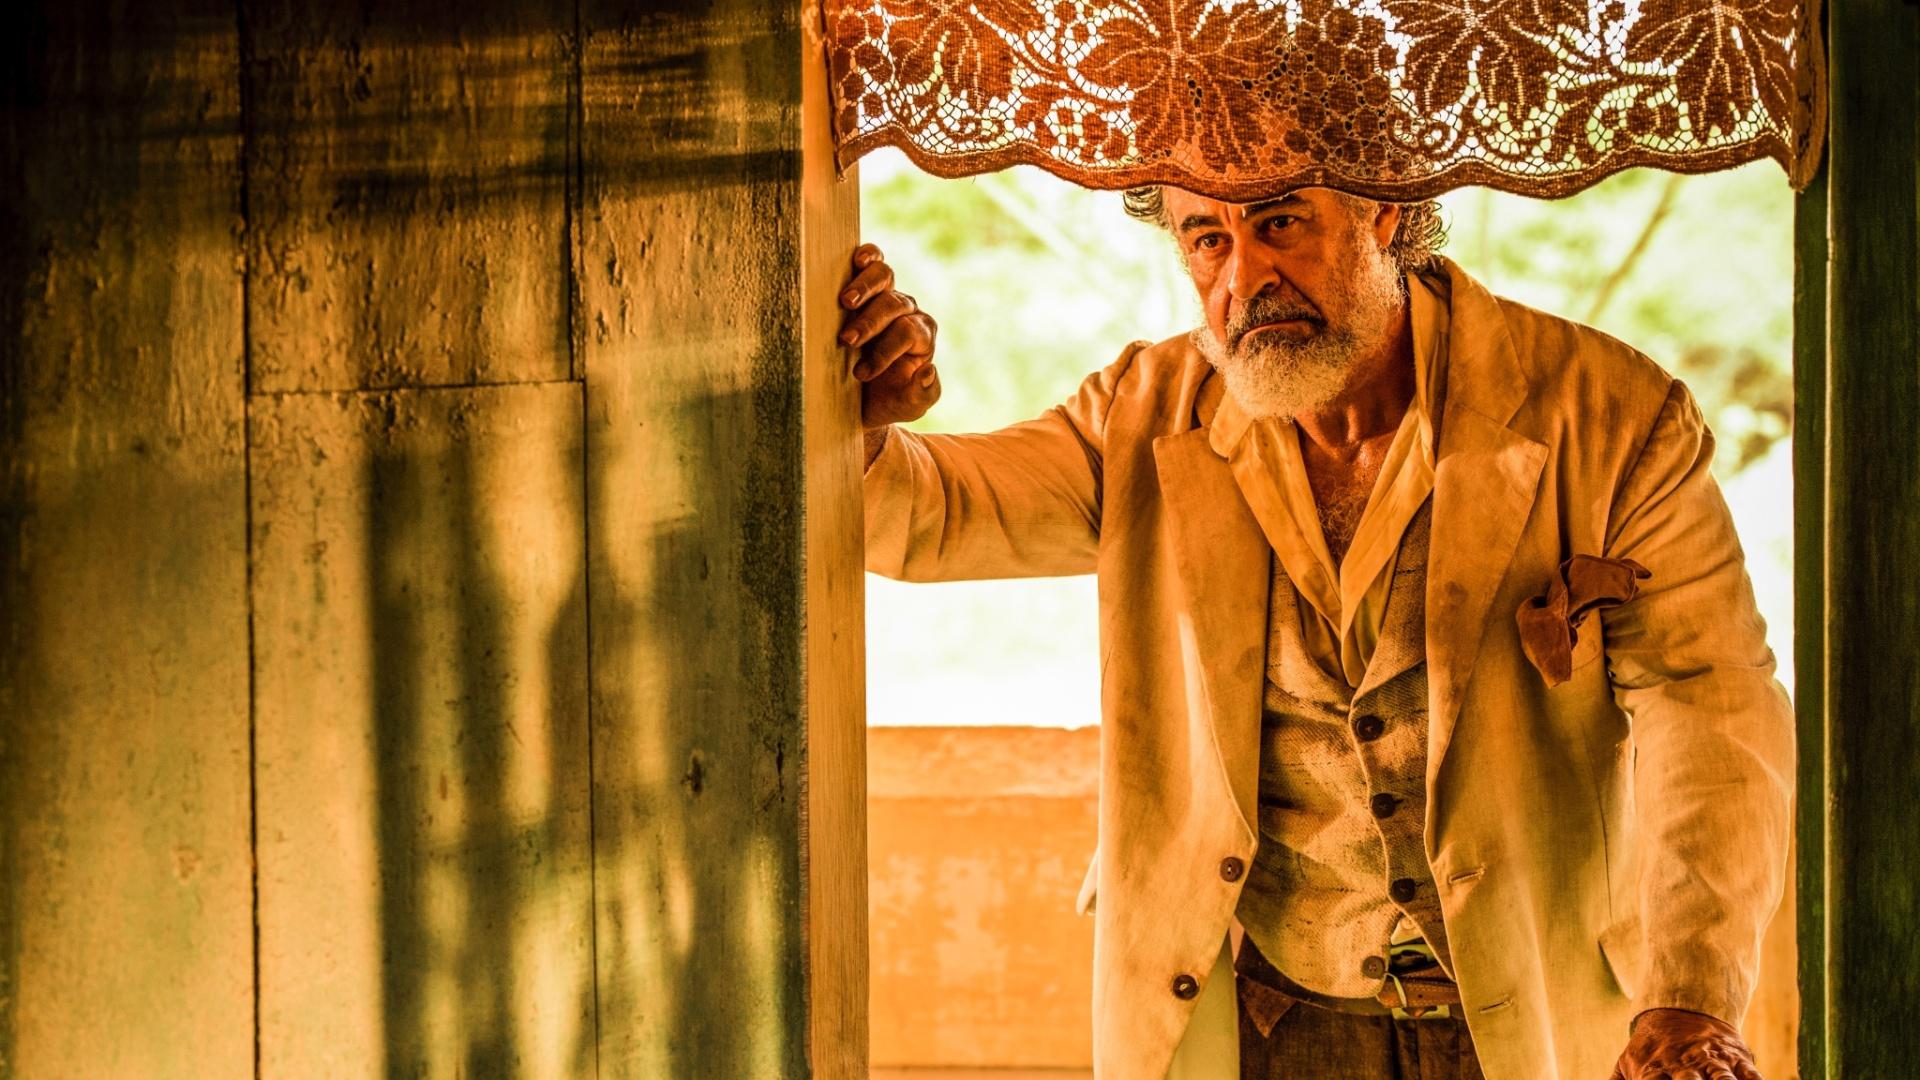 O ator Carlos Betão, que interpretará o personagem Aracaçu em